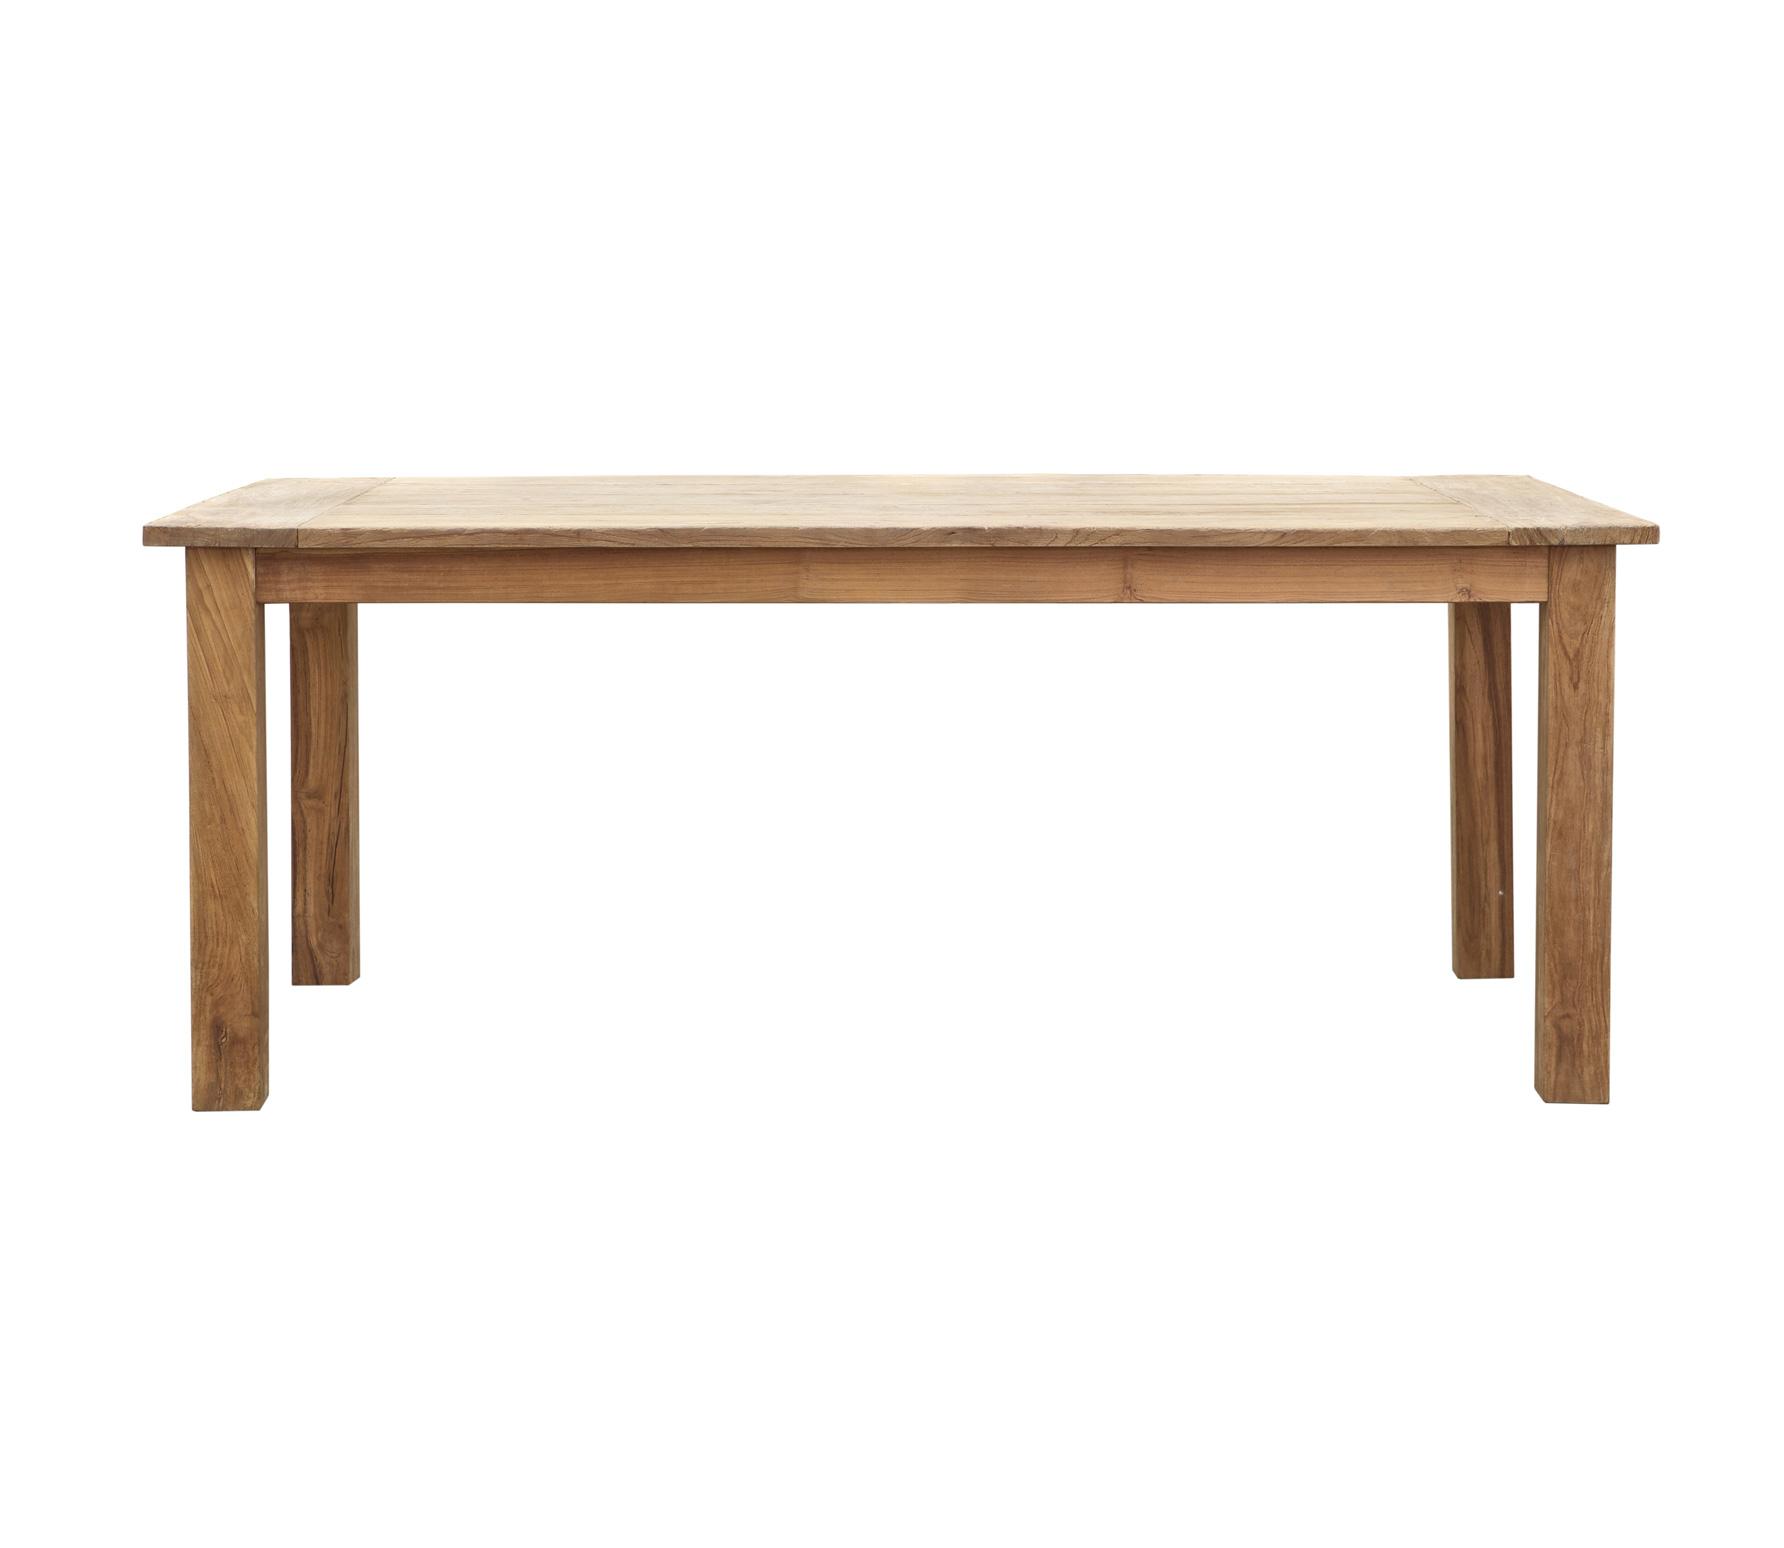 Houten eettafel bewerken foto s van een moderne keuken ontwerp aanbouw leefkeuken homify - Eettafel houten ontwerp ...